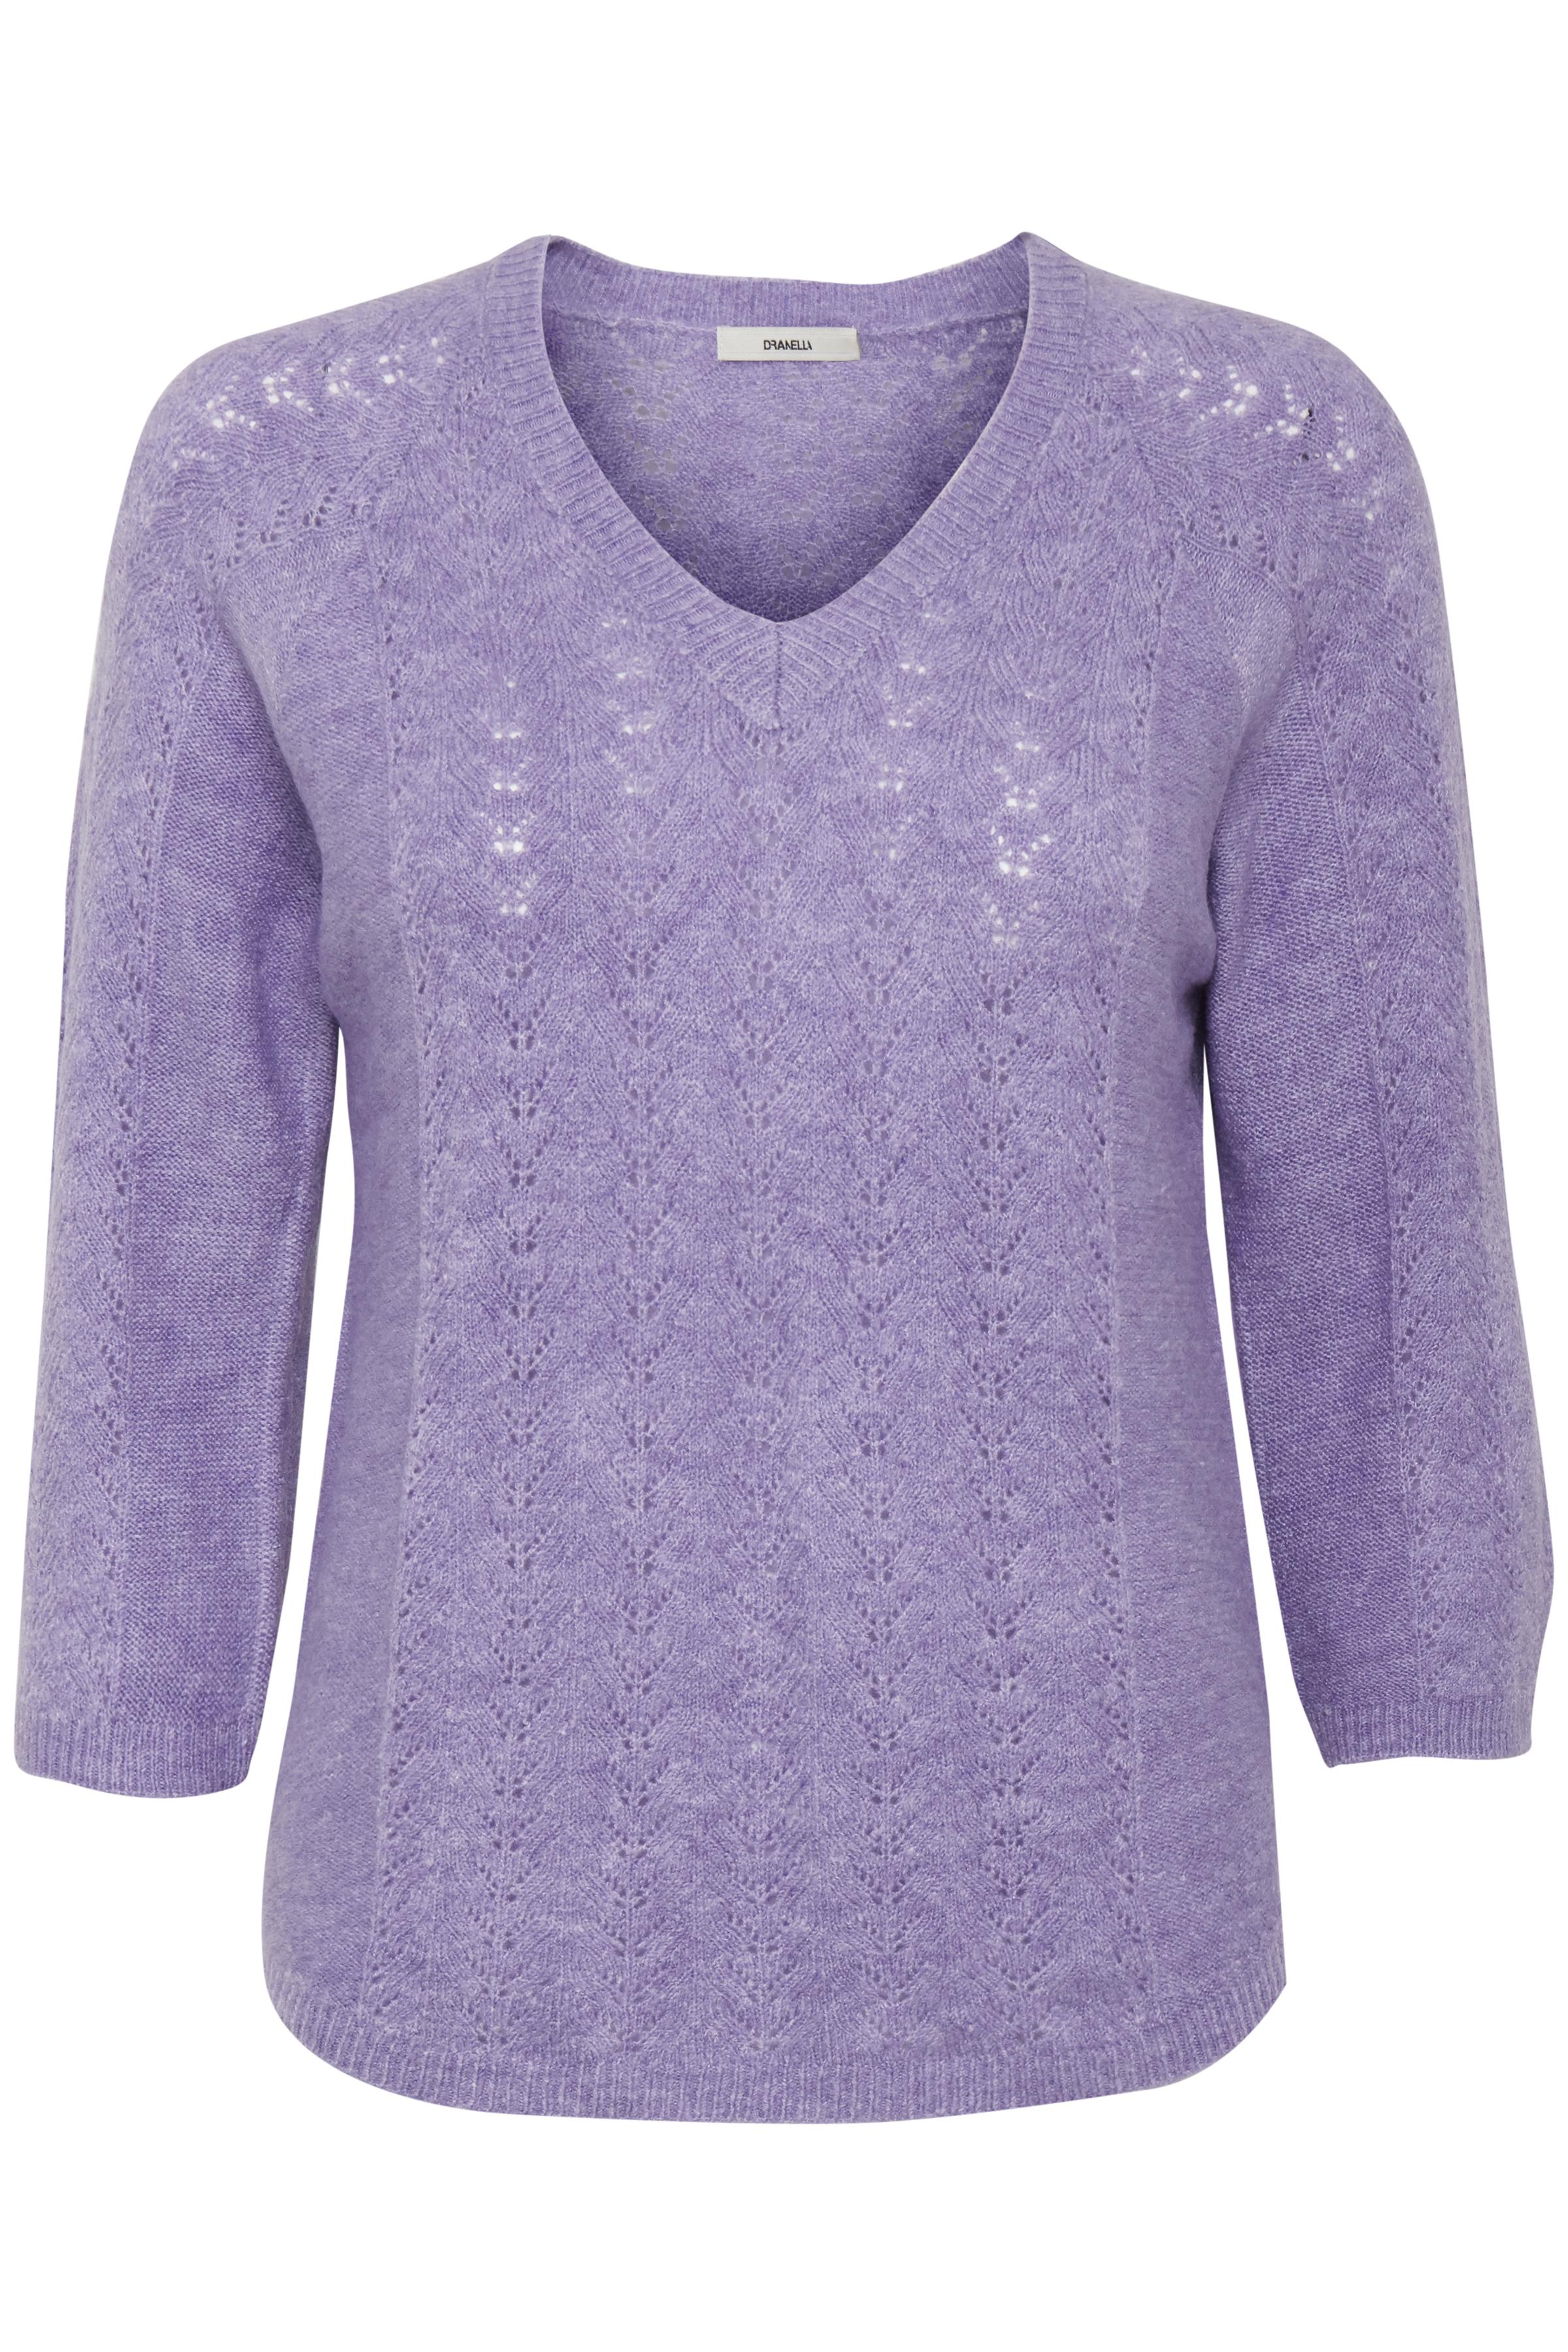 Ljus lilamelerad Stickad tröja från Dranella – Köp Ljus lilamelerad Stickad tröja från stl. XS-XXL här